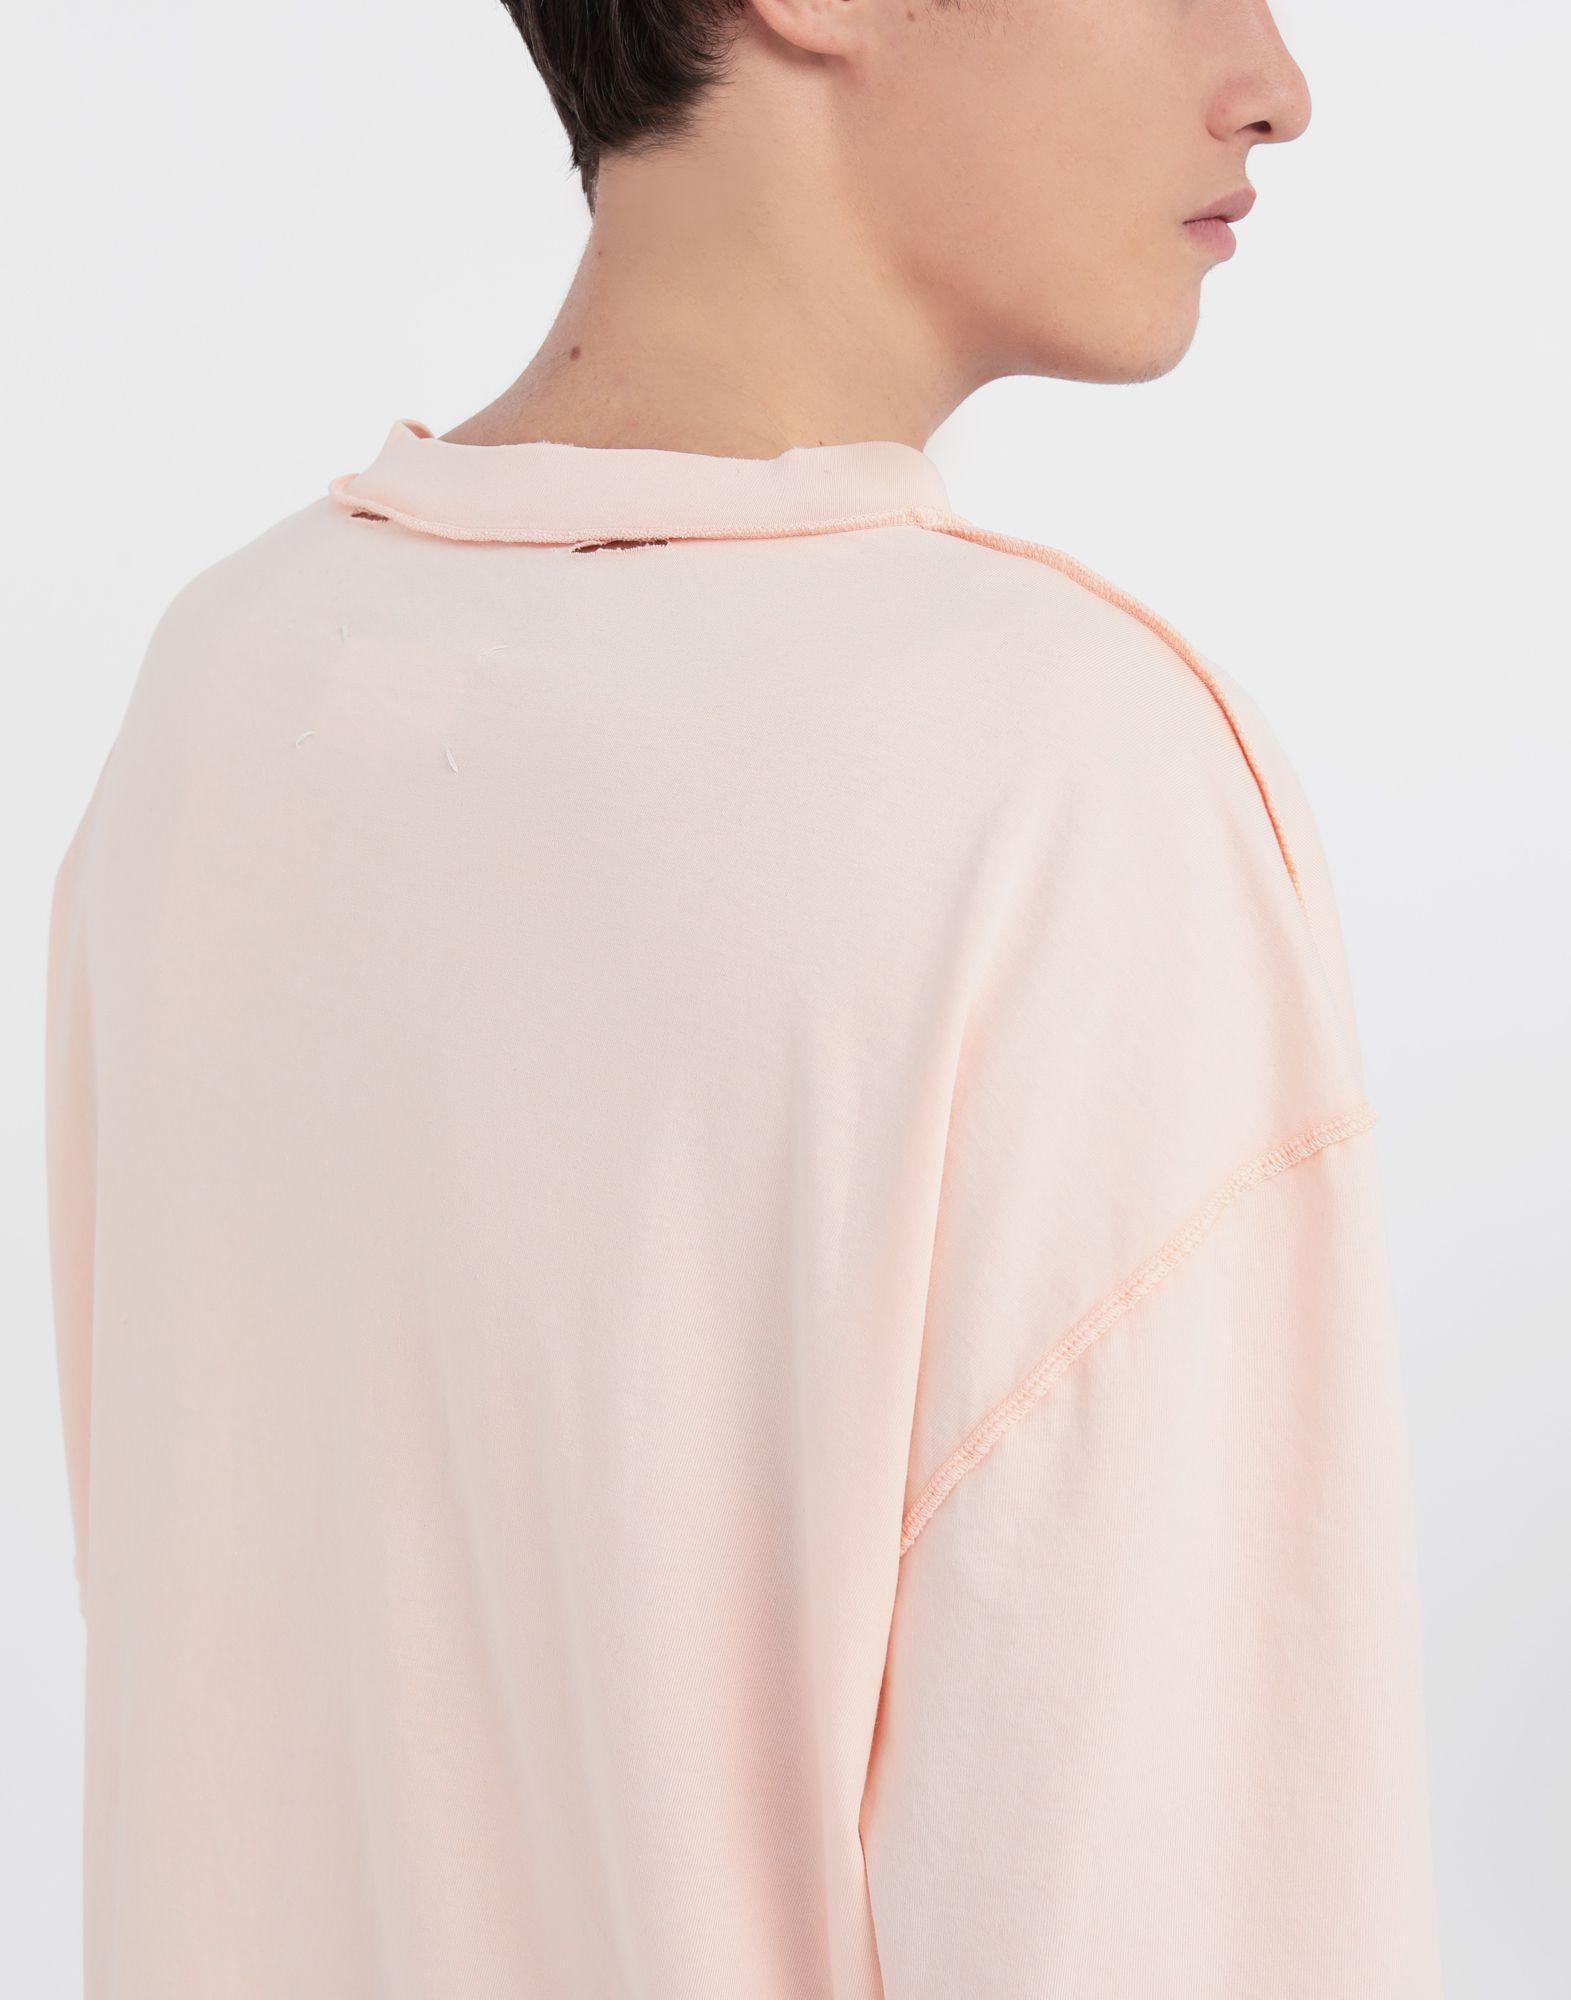 MAISON MARGIELA M logo printed T-shirt Short sleeve t-shirt Man b